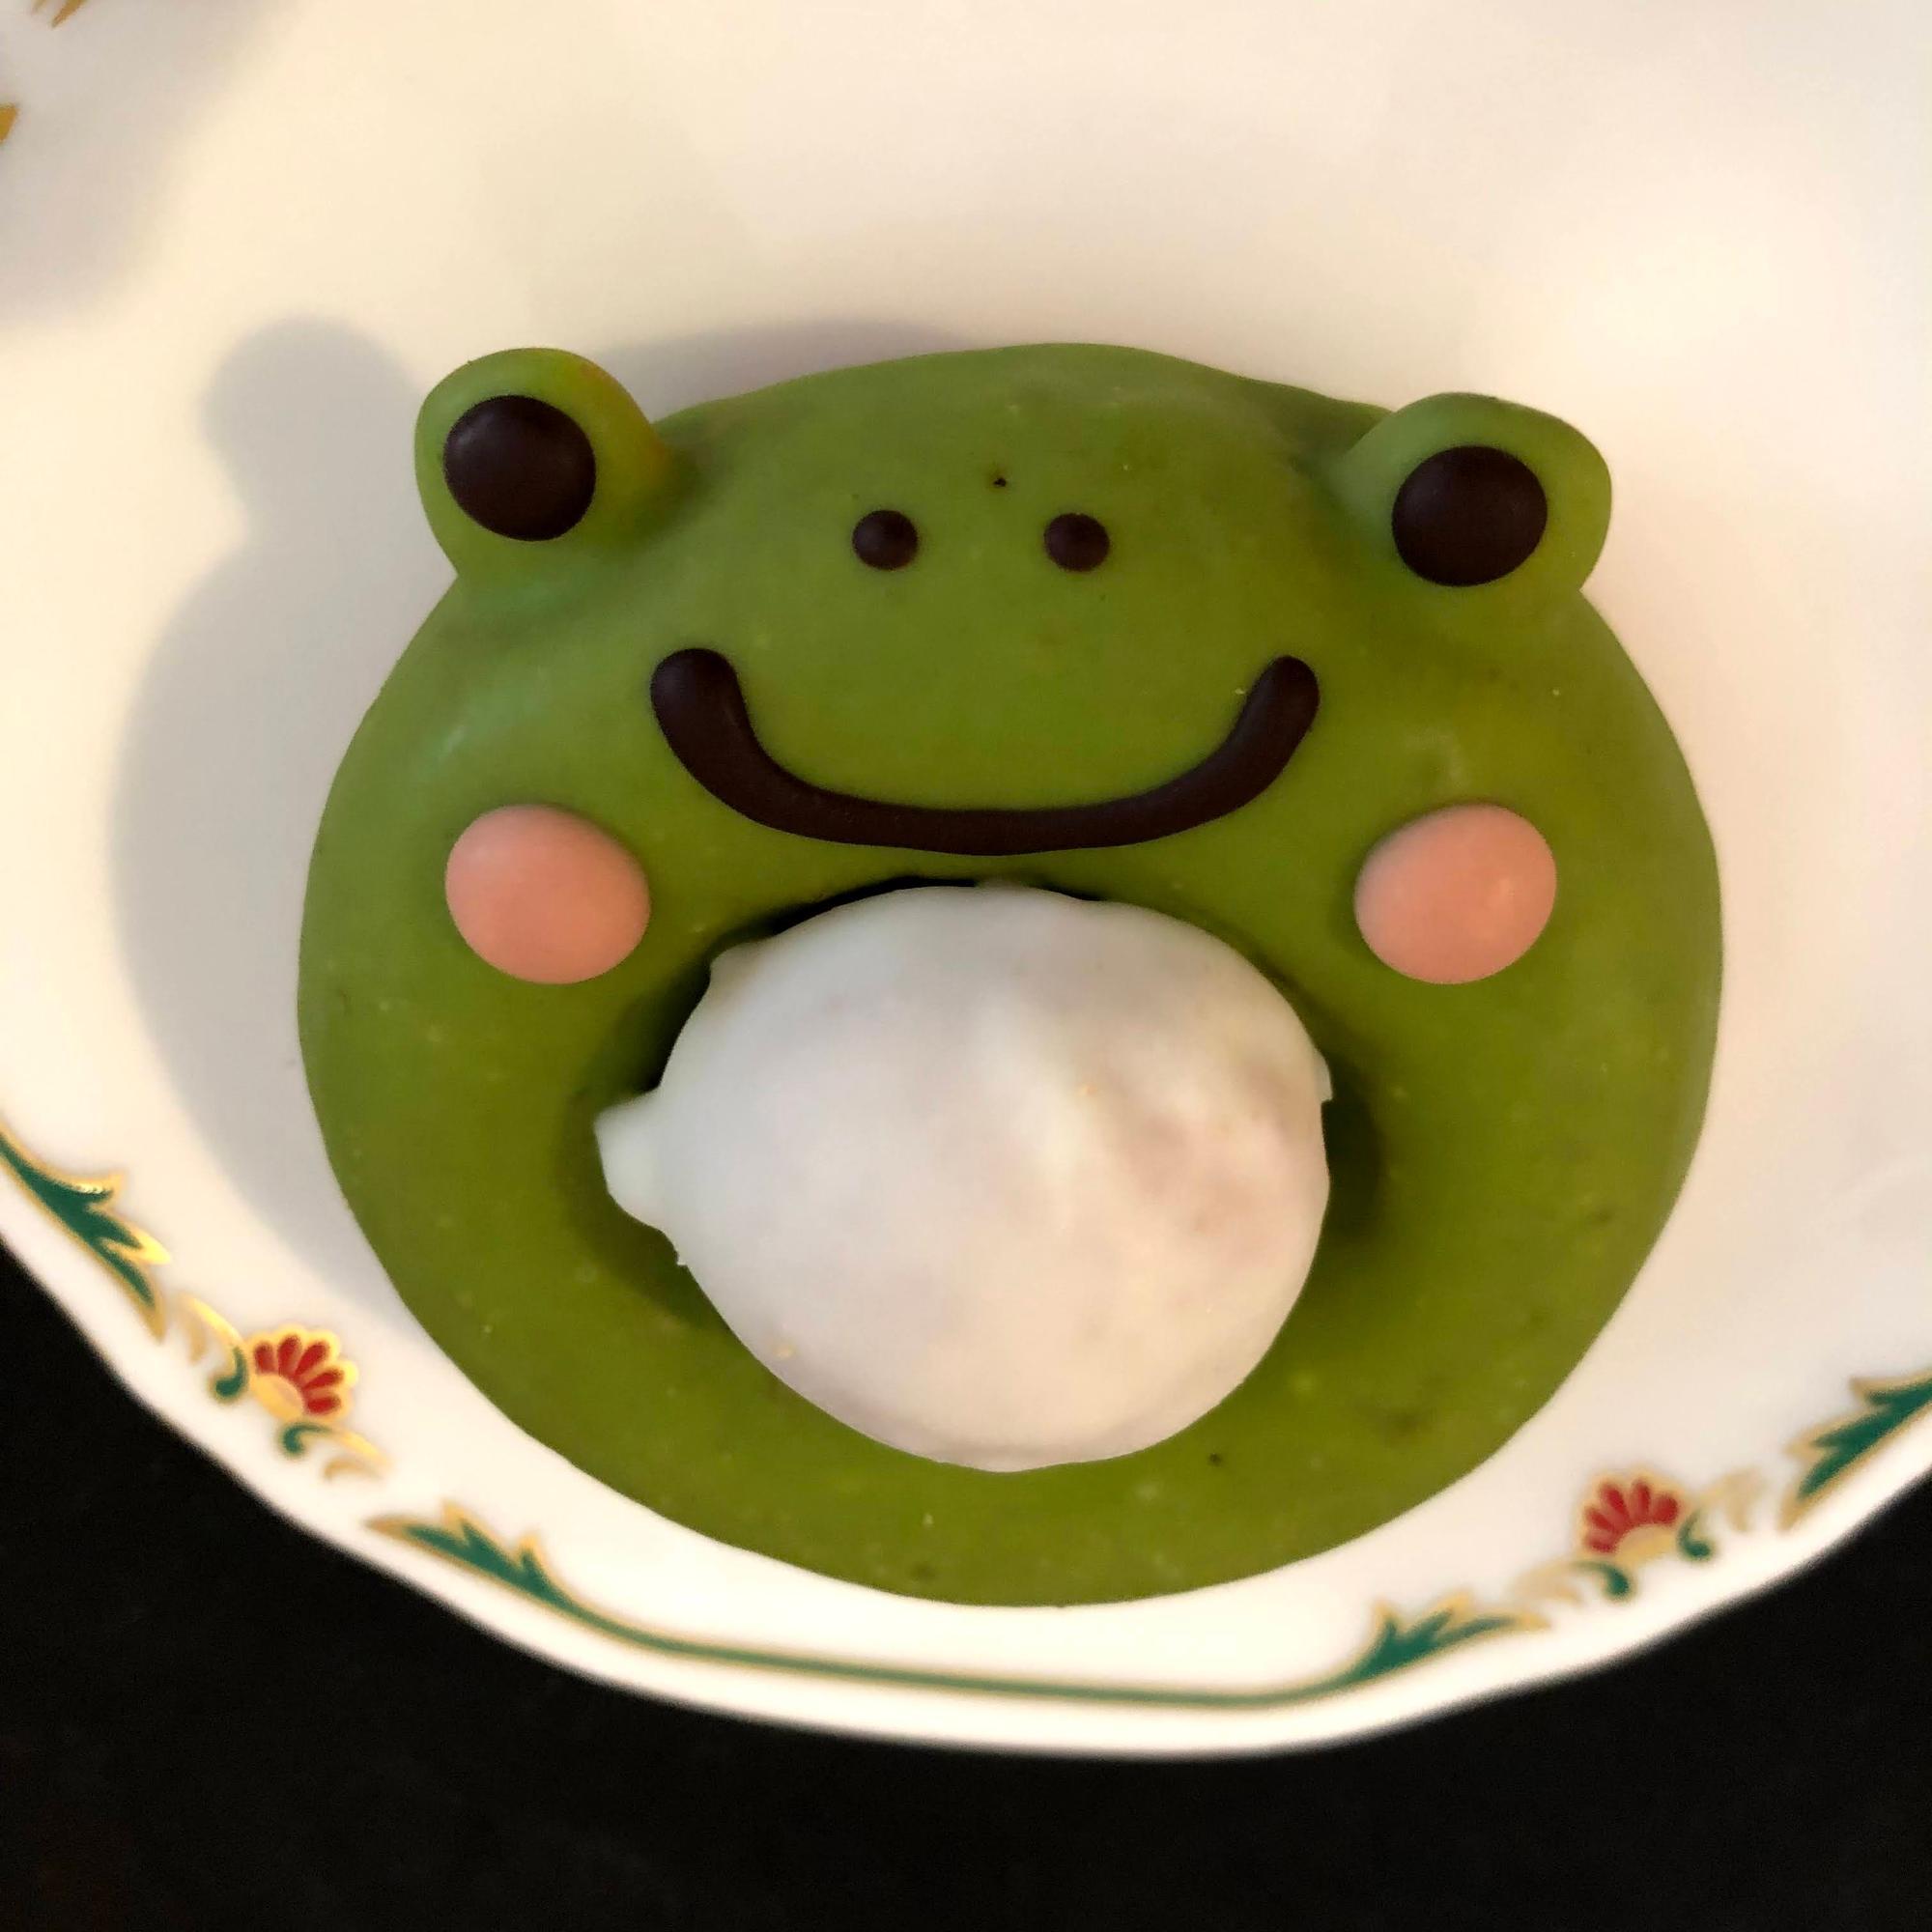 抹茶風味のカエルくんは、お腹にホワイトチョコドーナッツを抱えていて、二味楽しめる